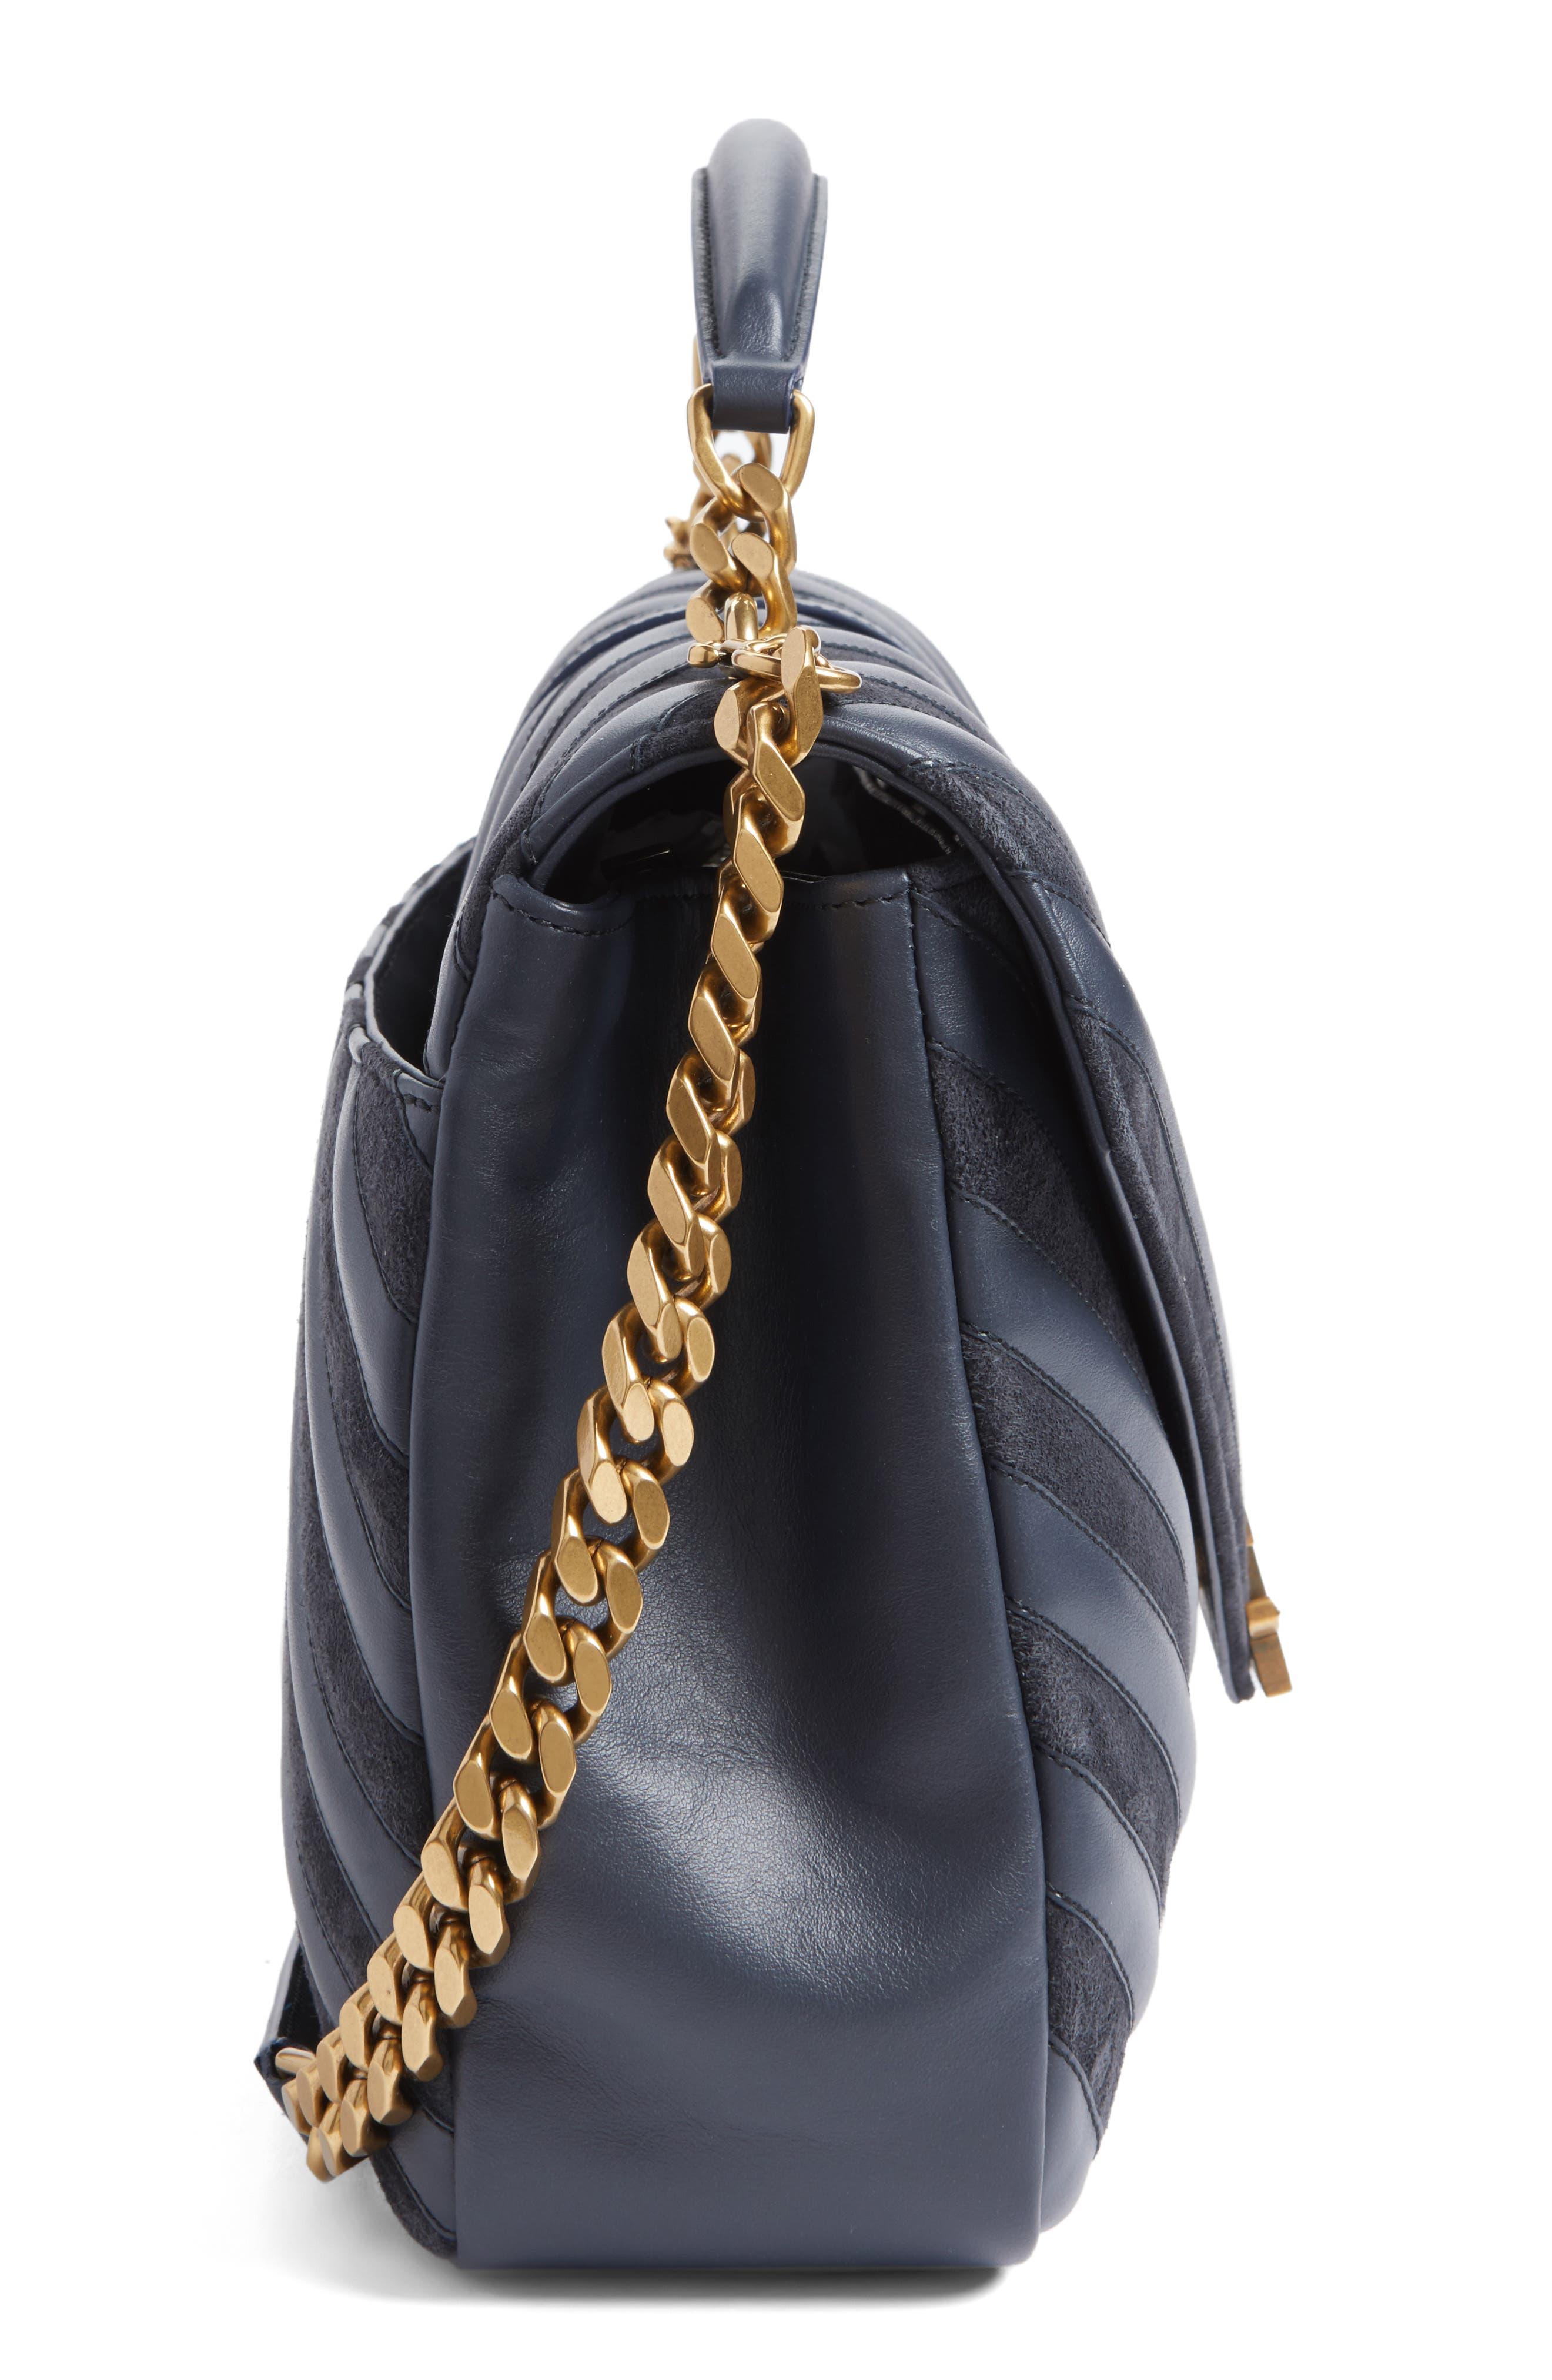 Medium College Patchwork Suede & Leather Shoulder Bag,                             Alternate thumbnail 5, color,                             020